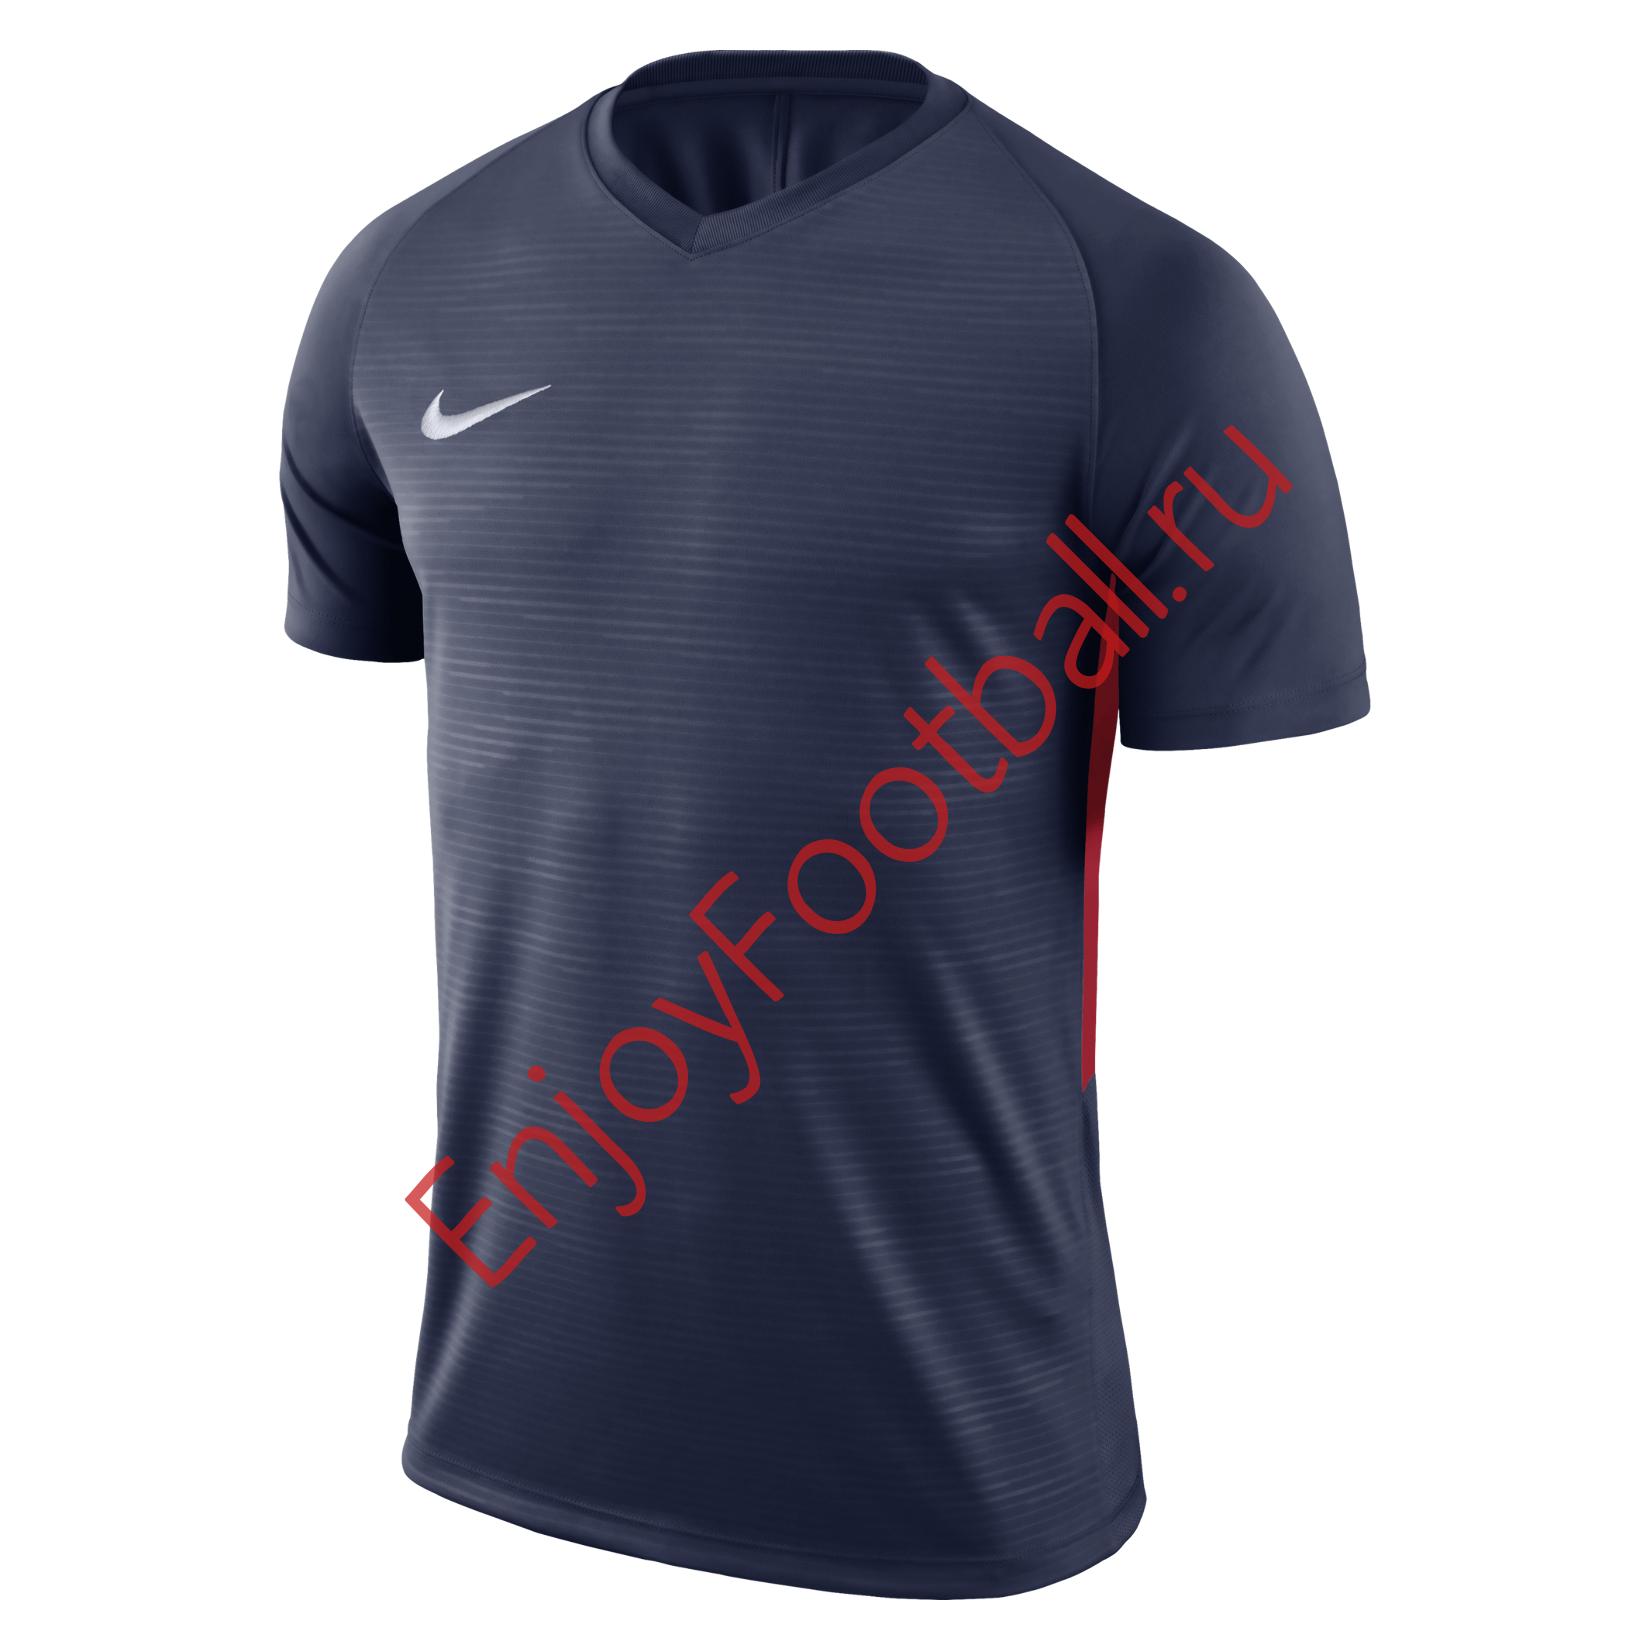 566246bb Игровая футболка NIKE DRY TIEMPO PREM JSY SS 894230-410 купить в ...